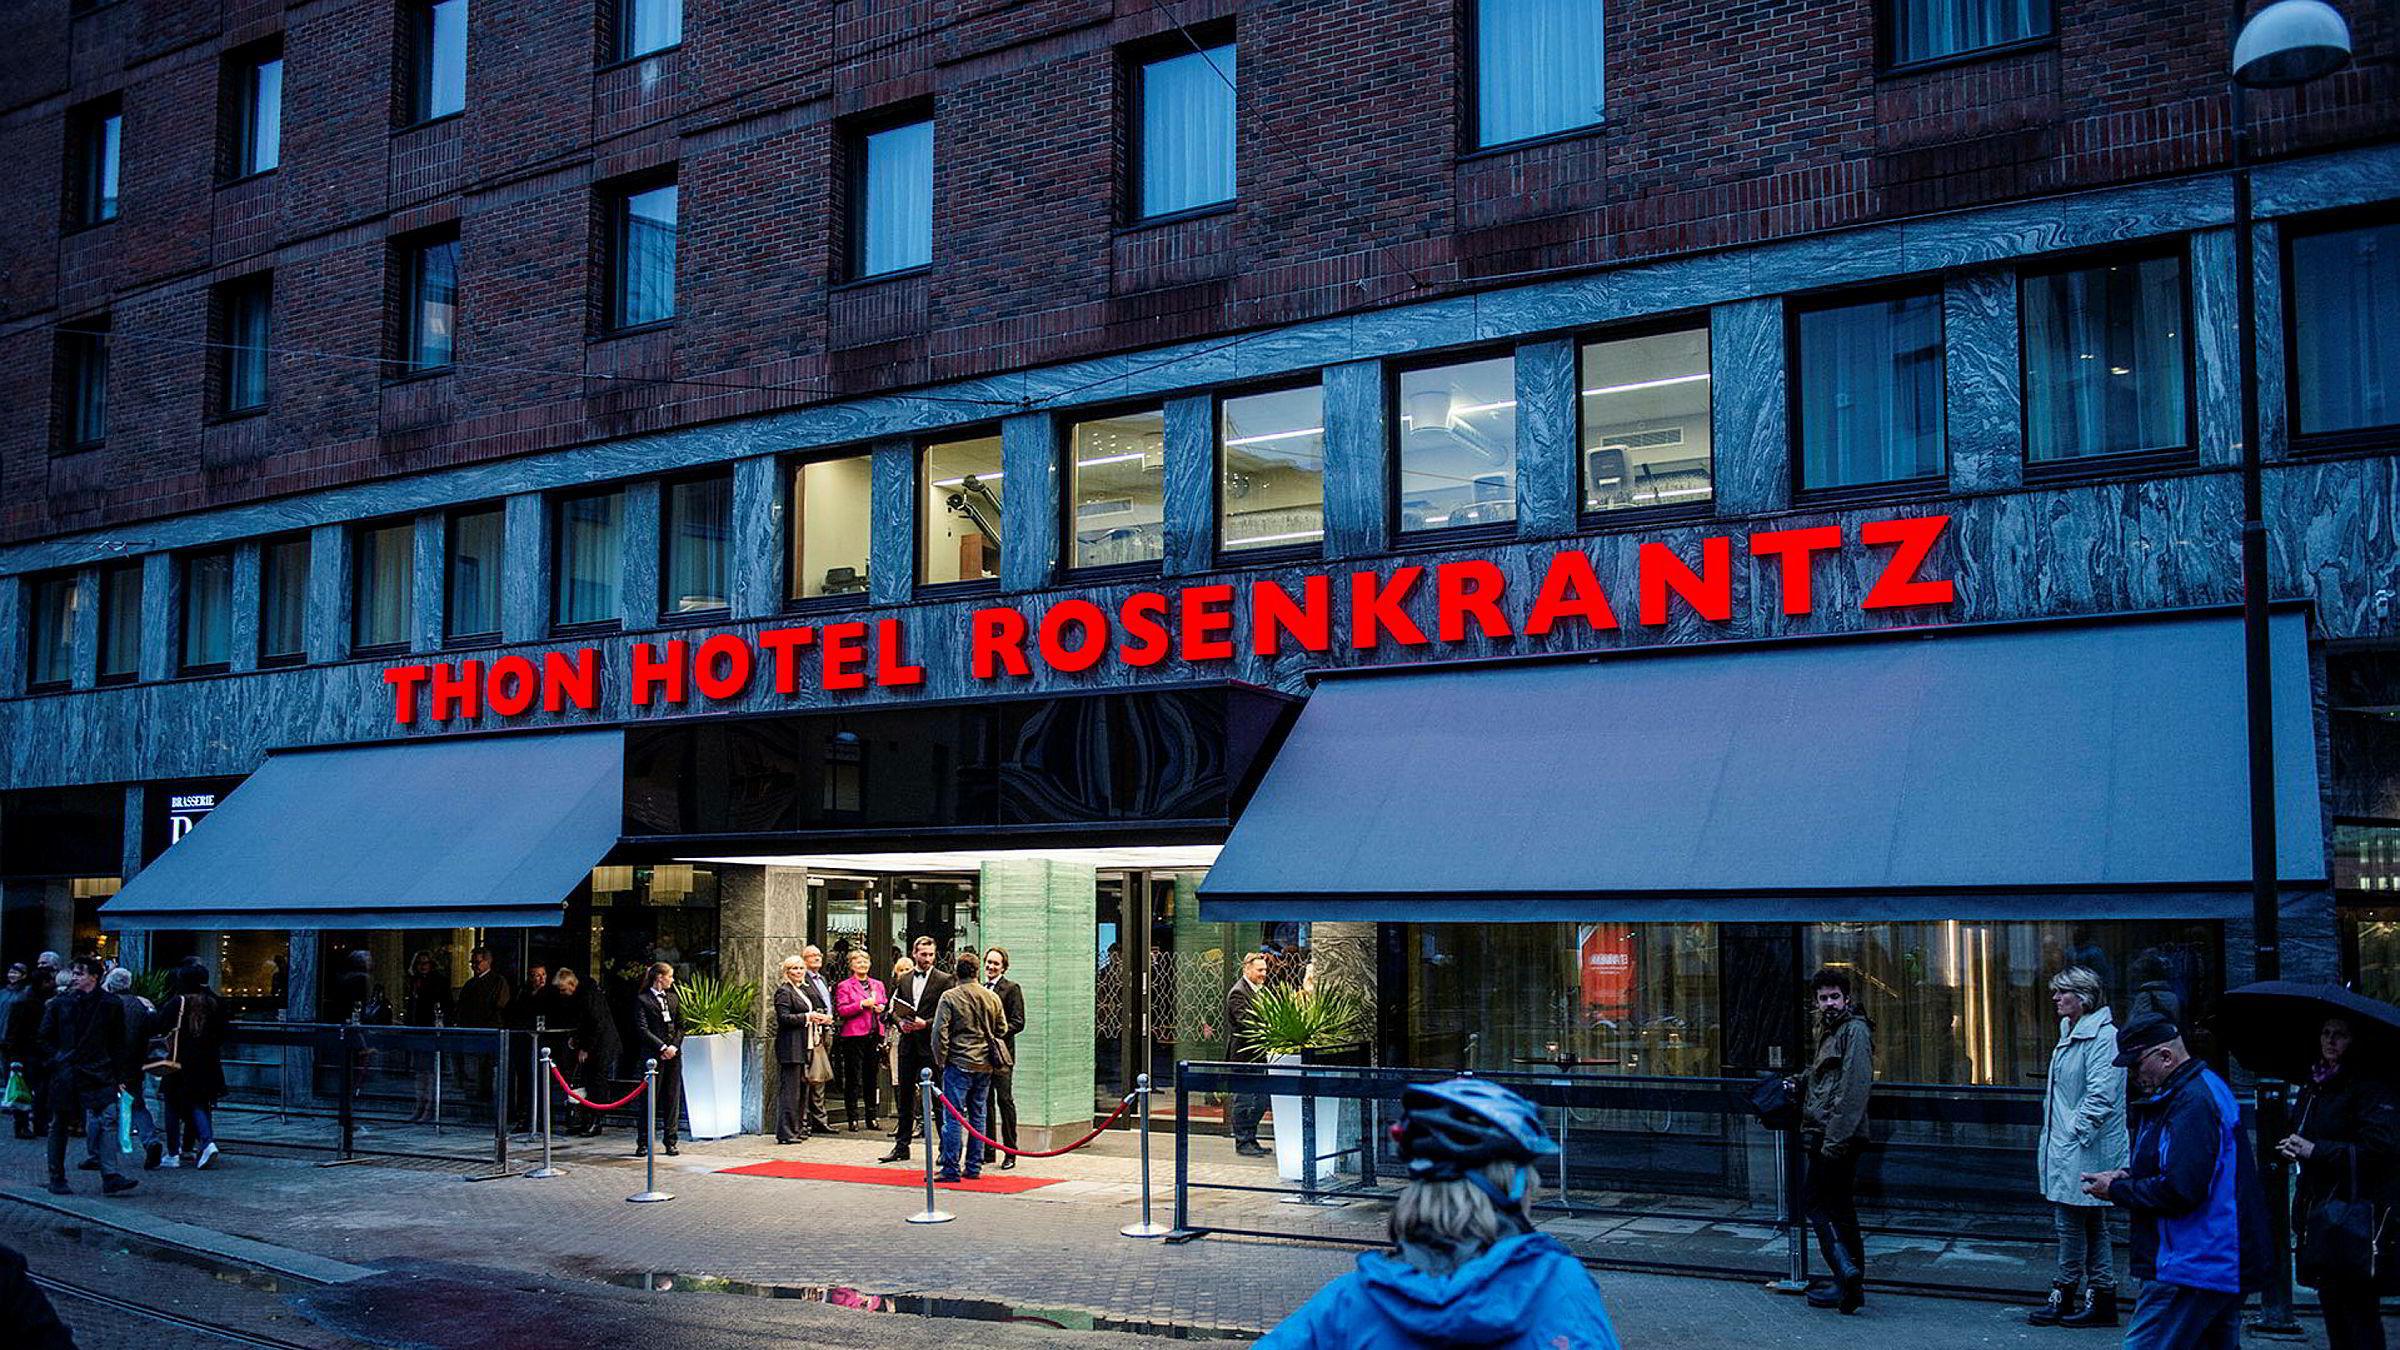 I Norge er det et fåtall hotellkjeder som er landsdekkende, dette kan få konsekvenser for anbudskonkurranser, skriver artikkelforfatteren. Her fra en av Thon-kjedens hoteller i Oslo.